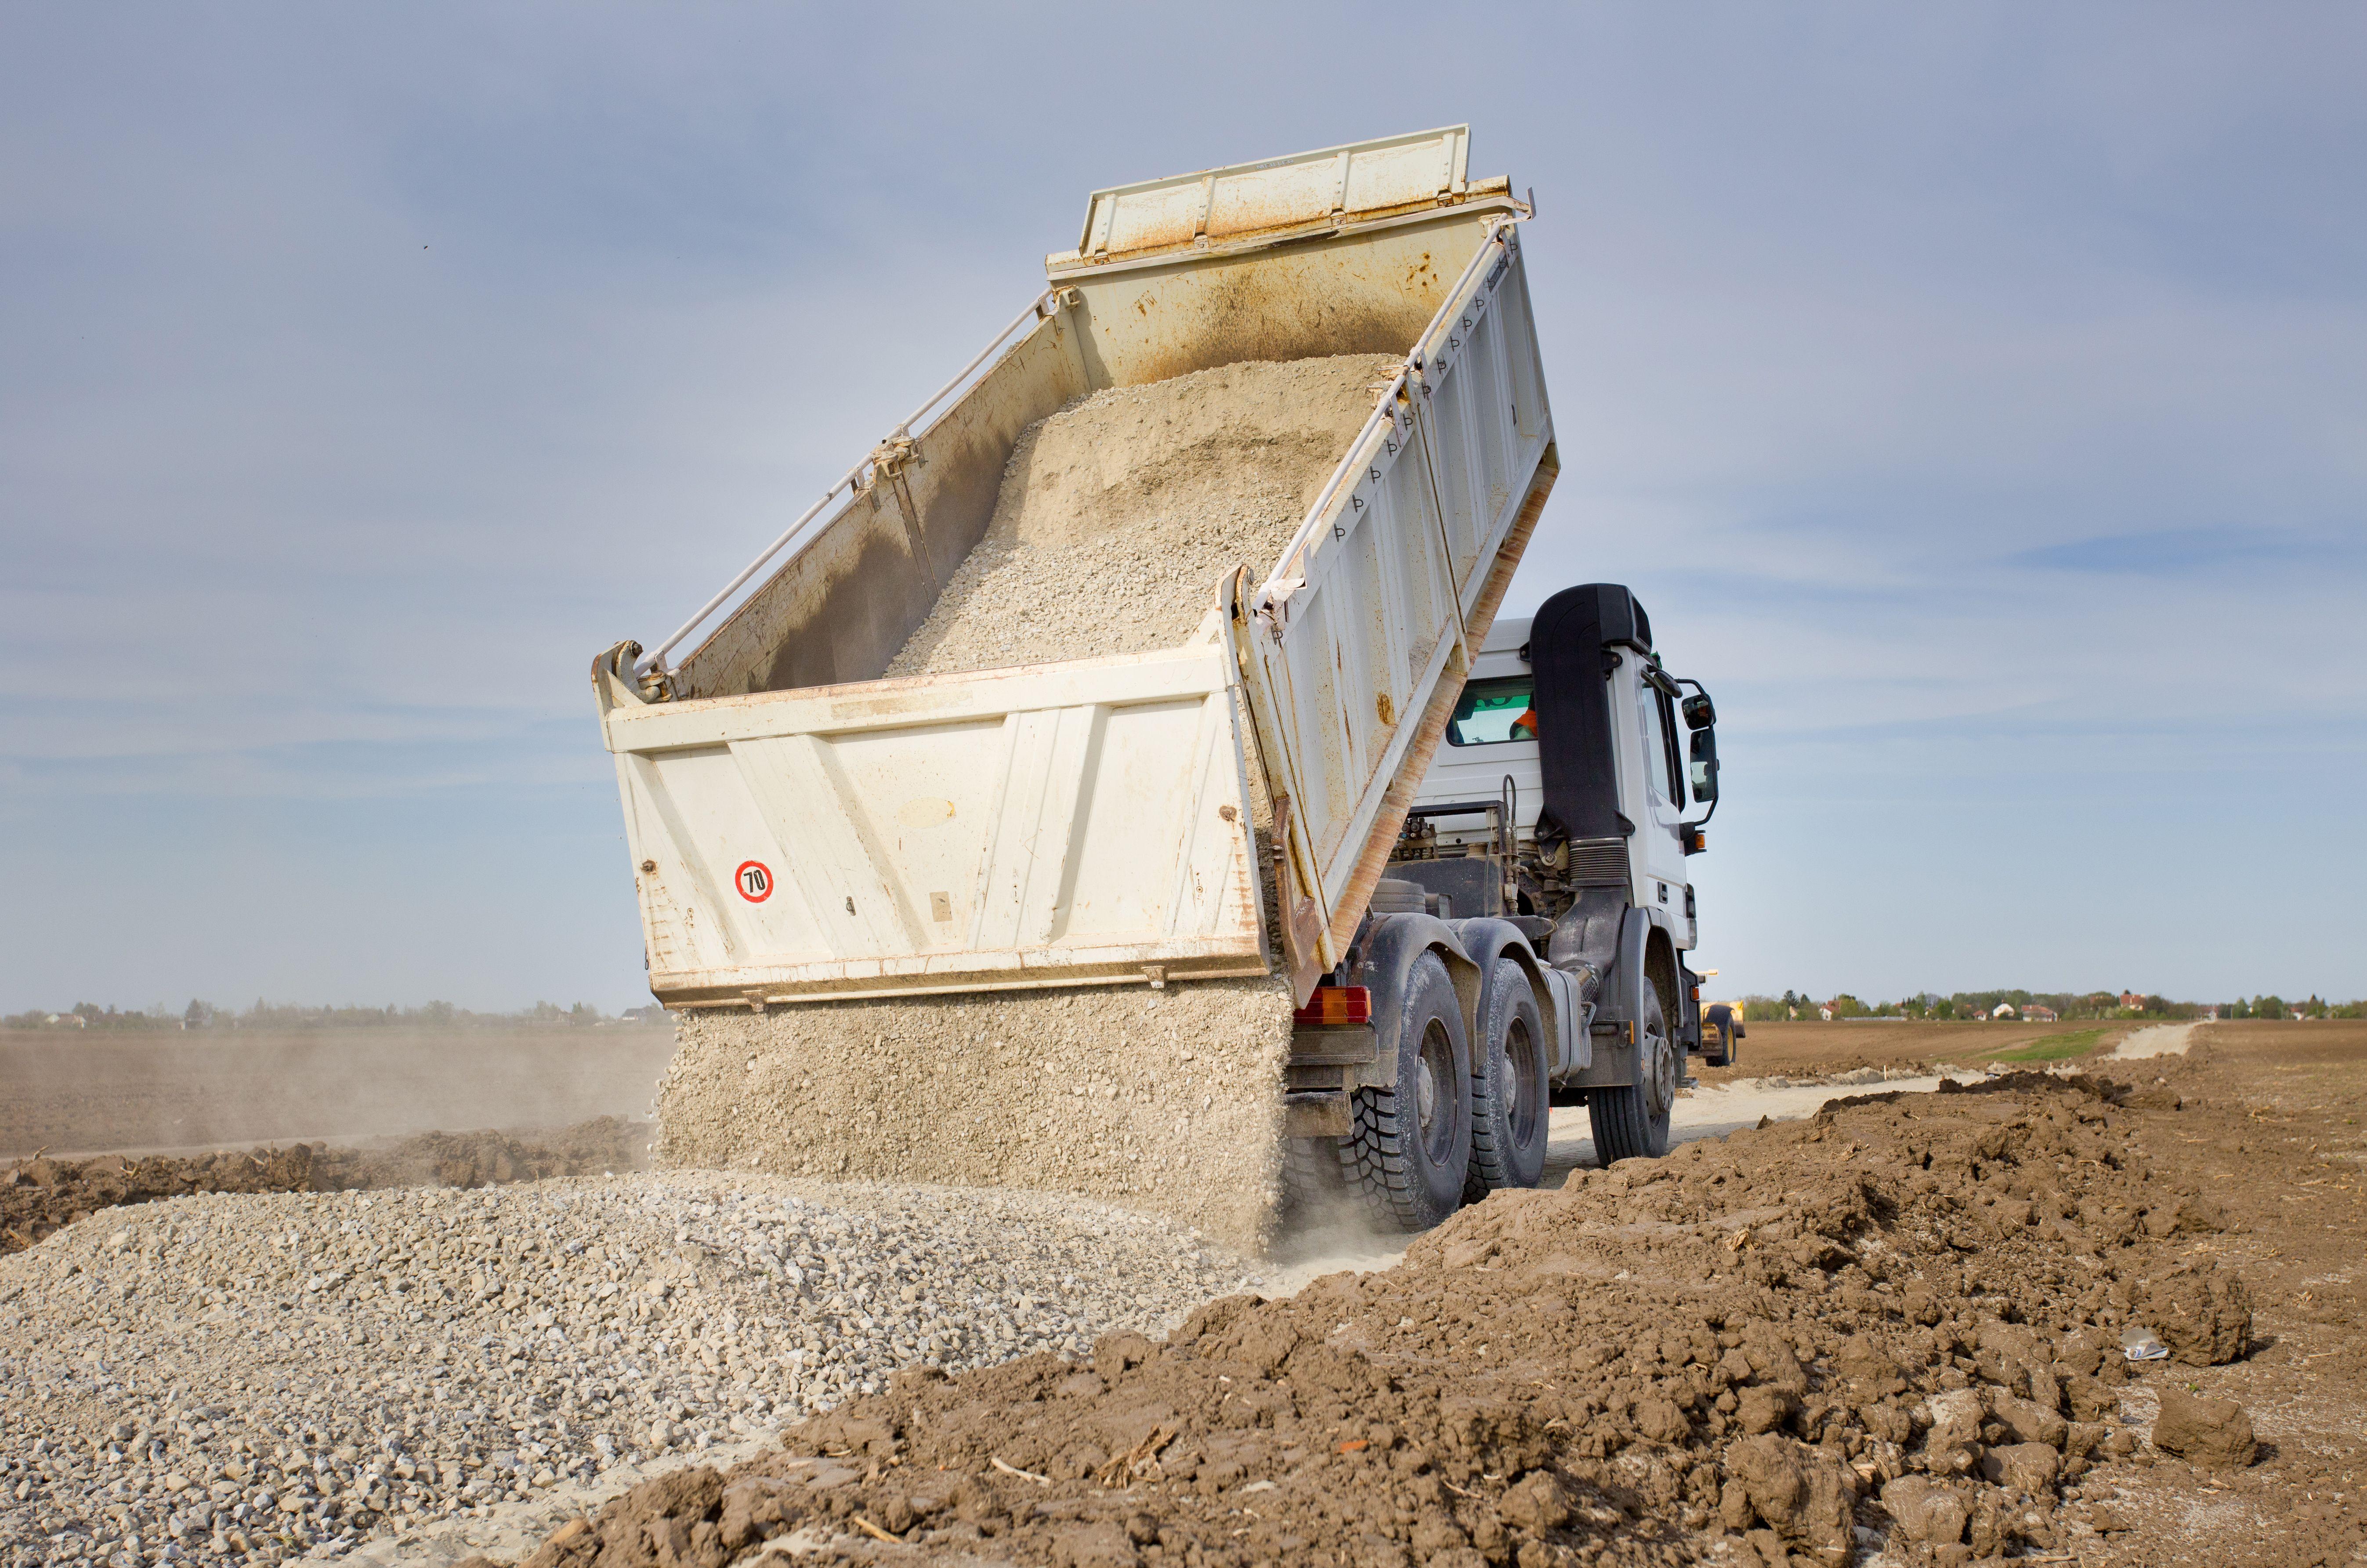 Transporte de mercancías a granel